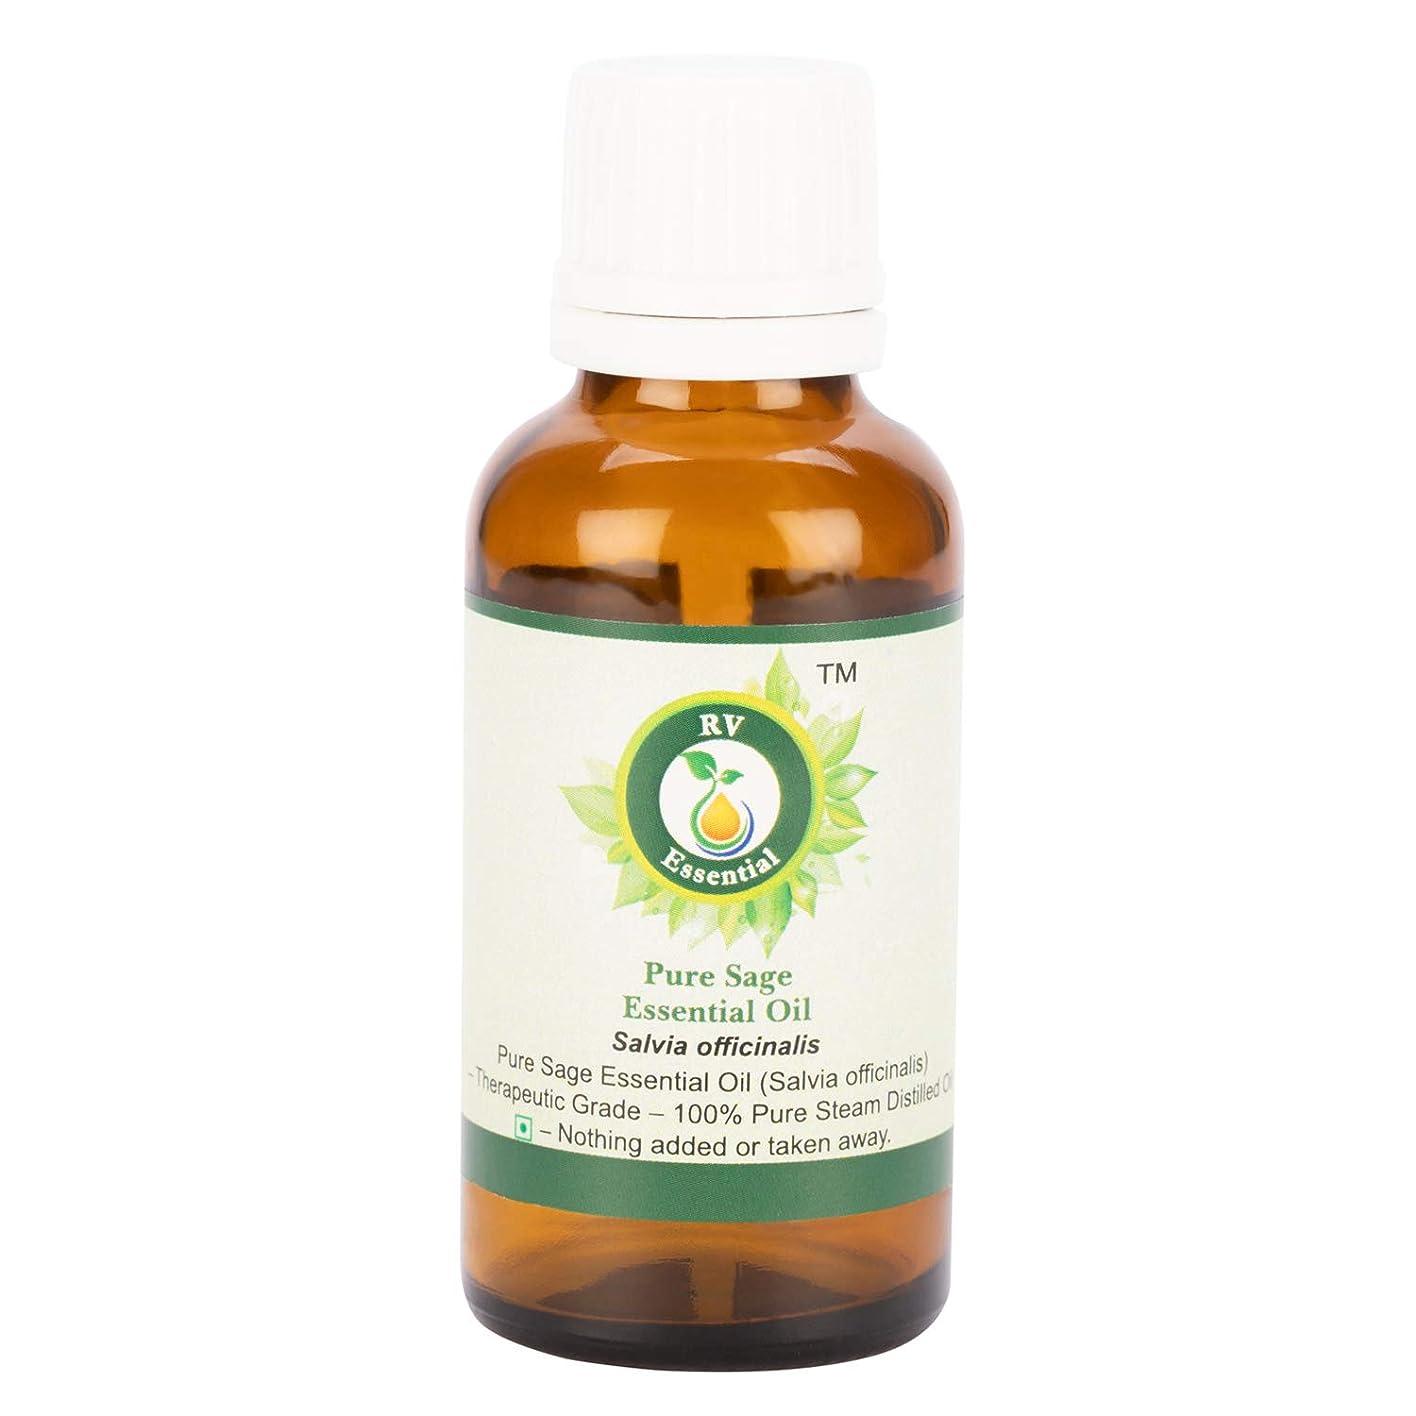 女の子オークランタンピュアセージエッセンシャルオイル5ml (0.169oz)- Salvia Officinalis (100%純粋&天然スチームDistilled) Pure Sage Essential Oil